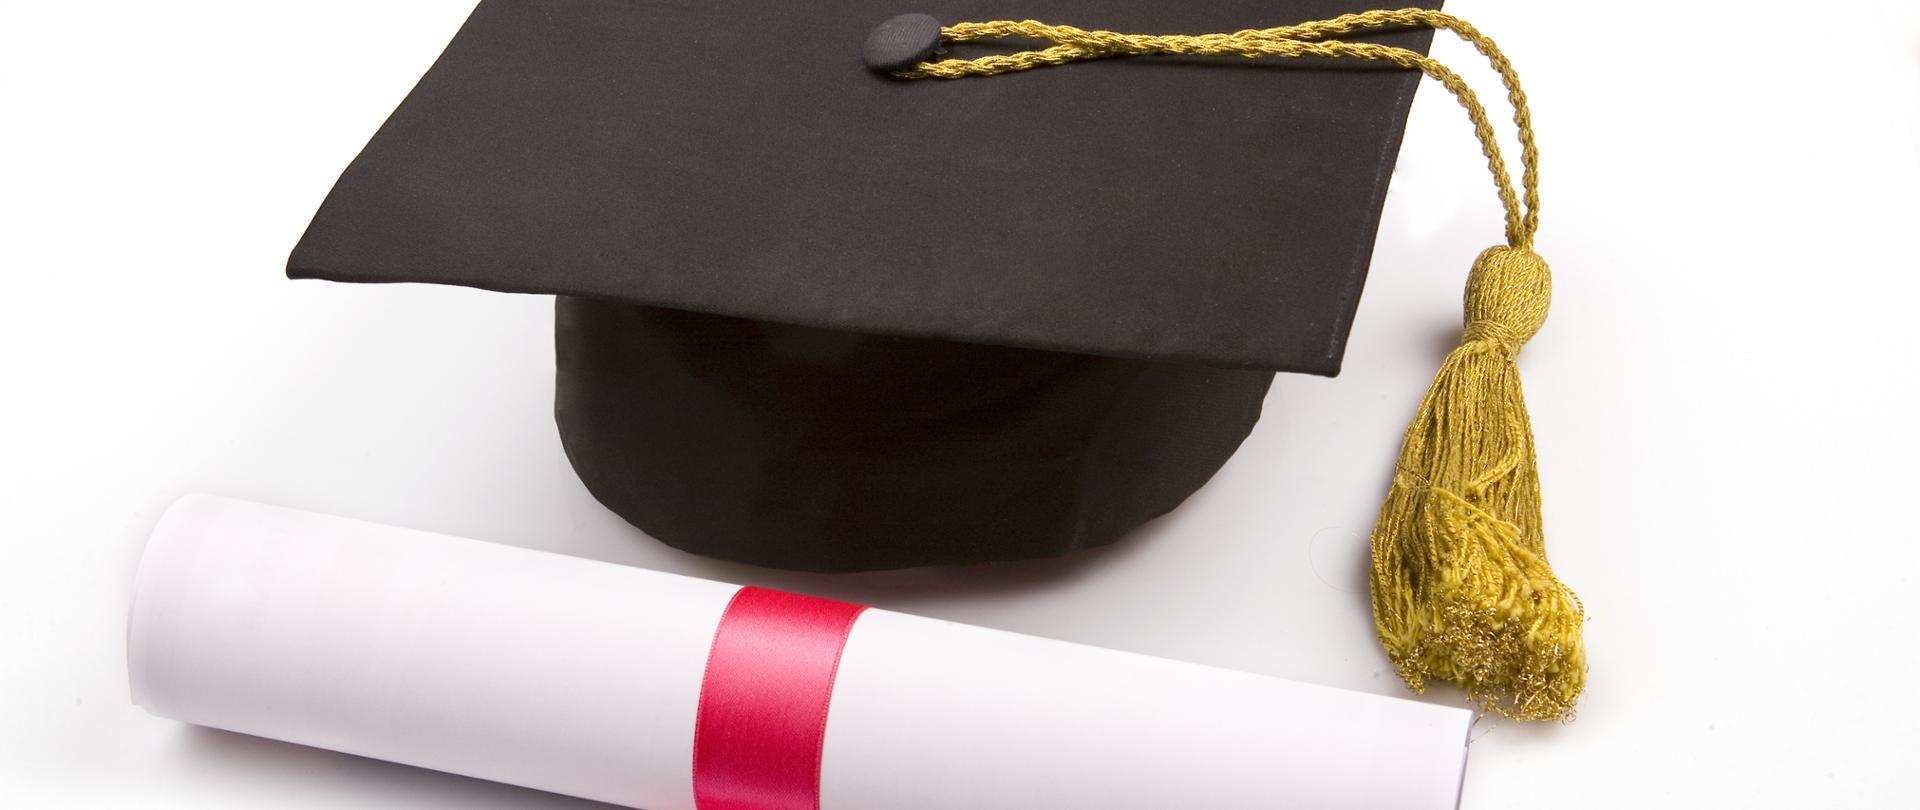 Na zdjęciu widać biret studenta i zwinięty w rulon dyplom.